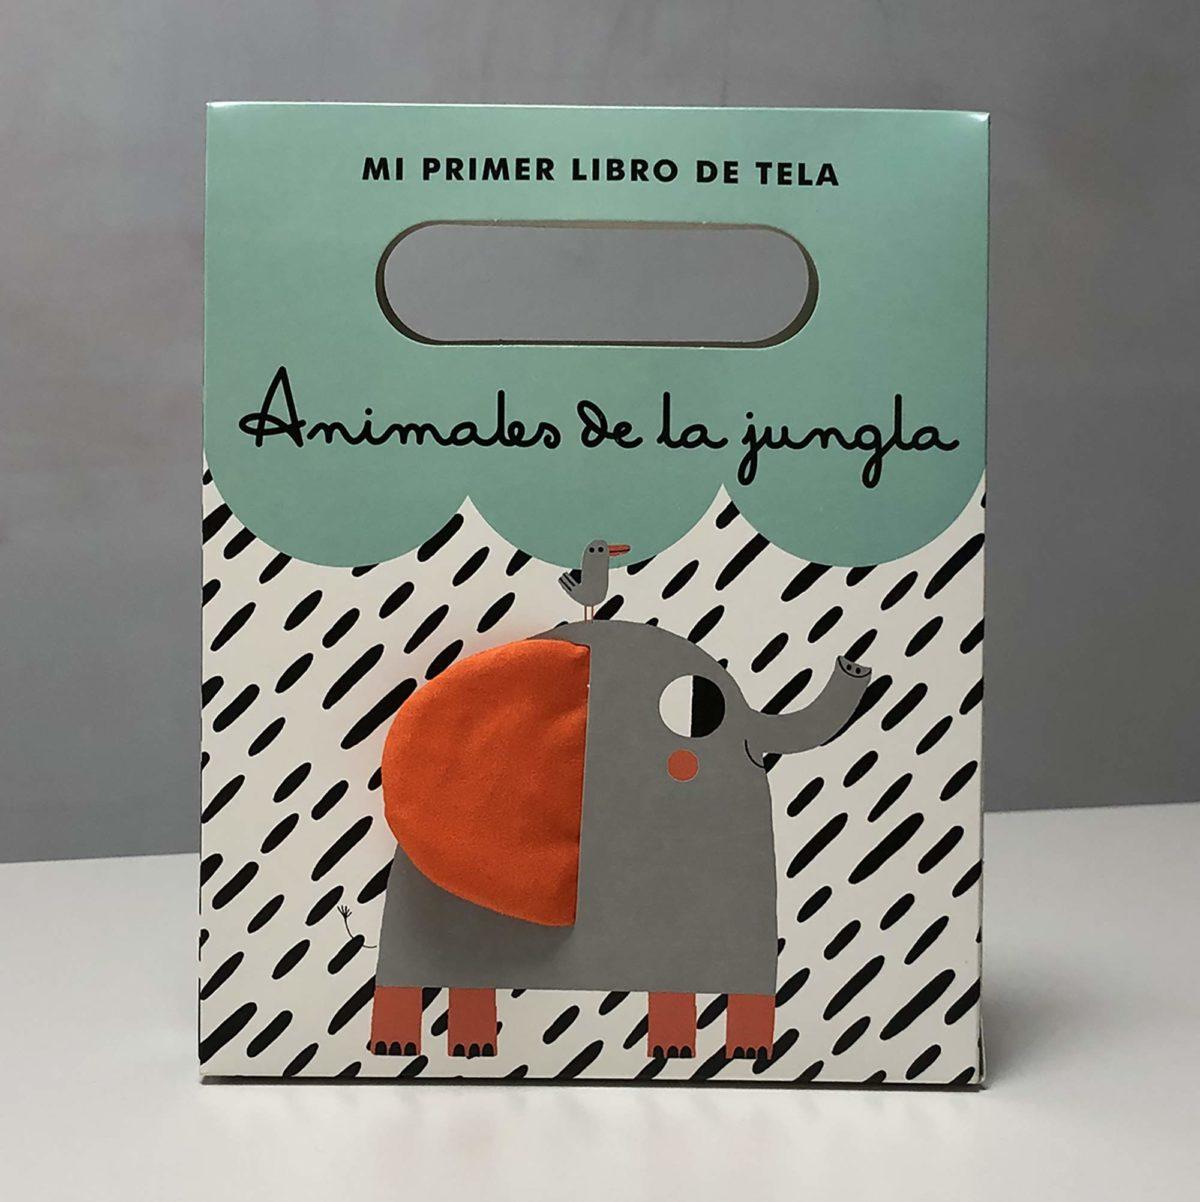 Animales de la jungla: Mi primer libro de tela (Juega y aprende) (Español) Libro de tela